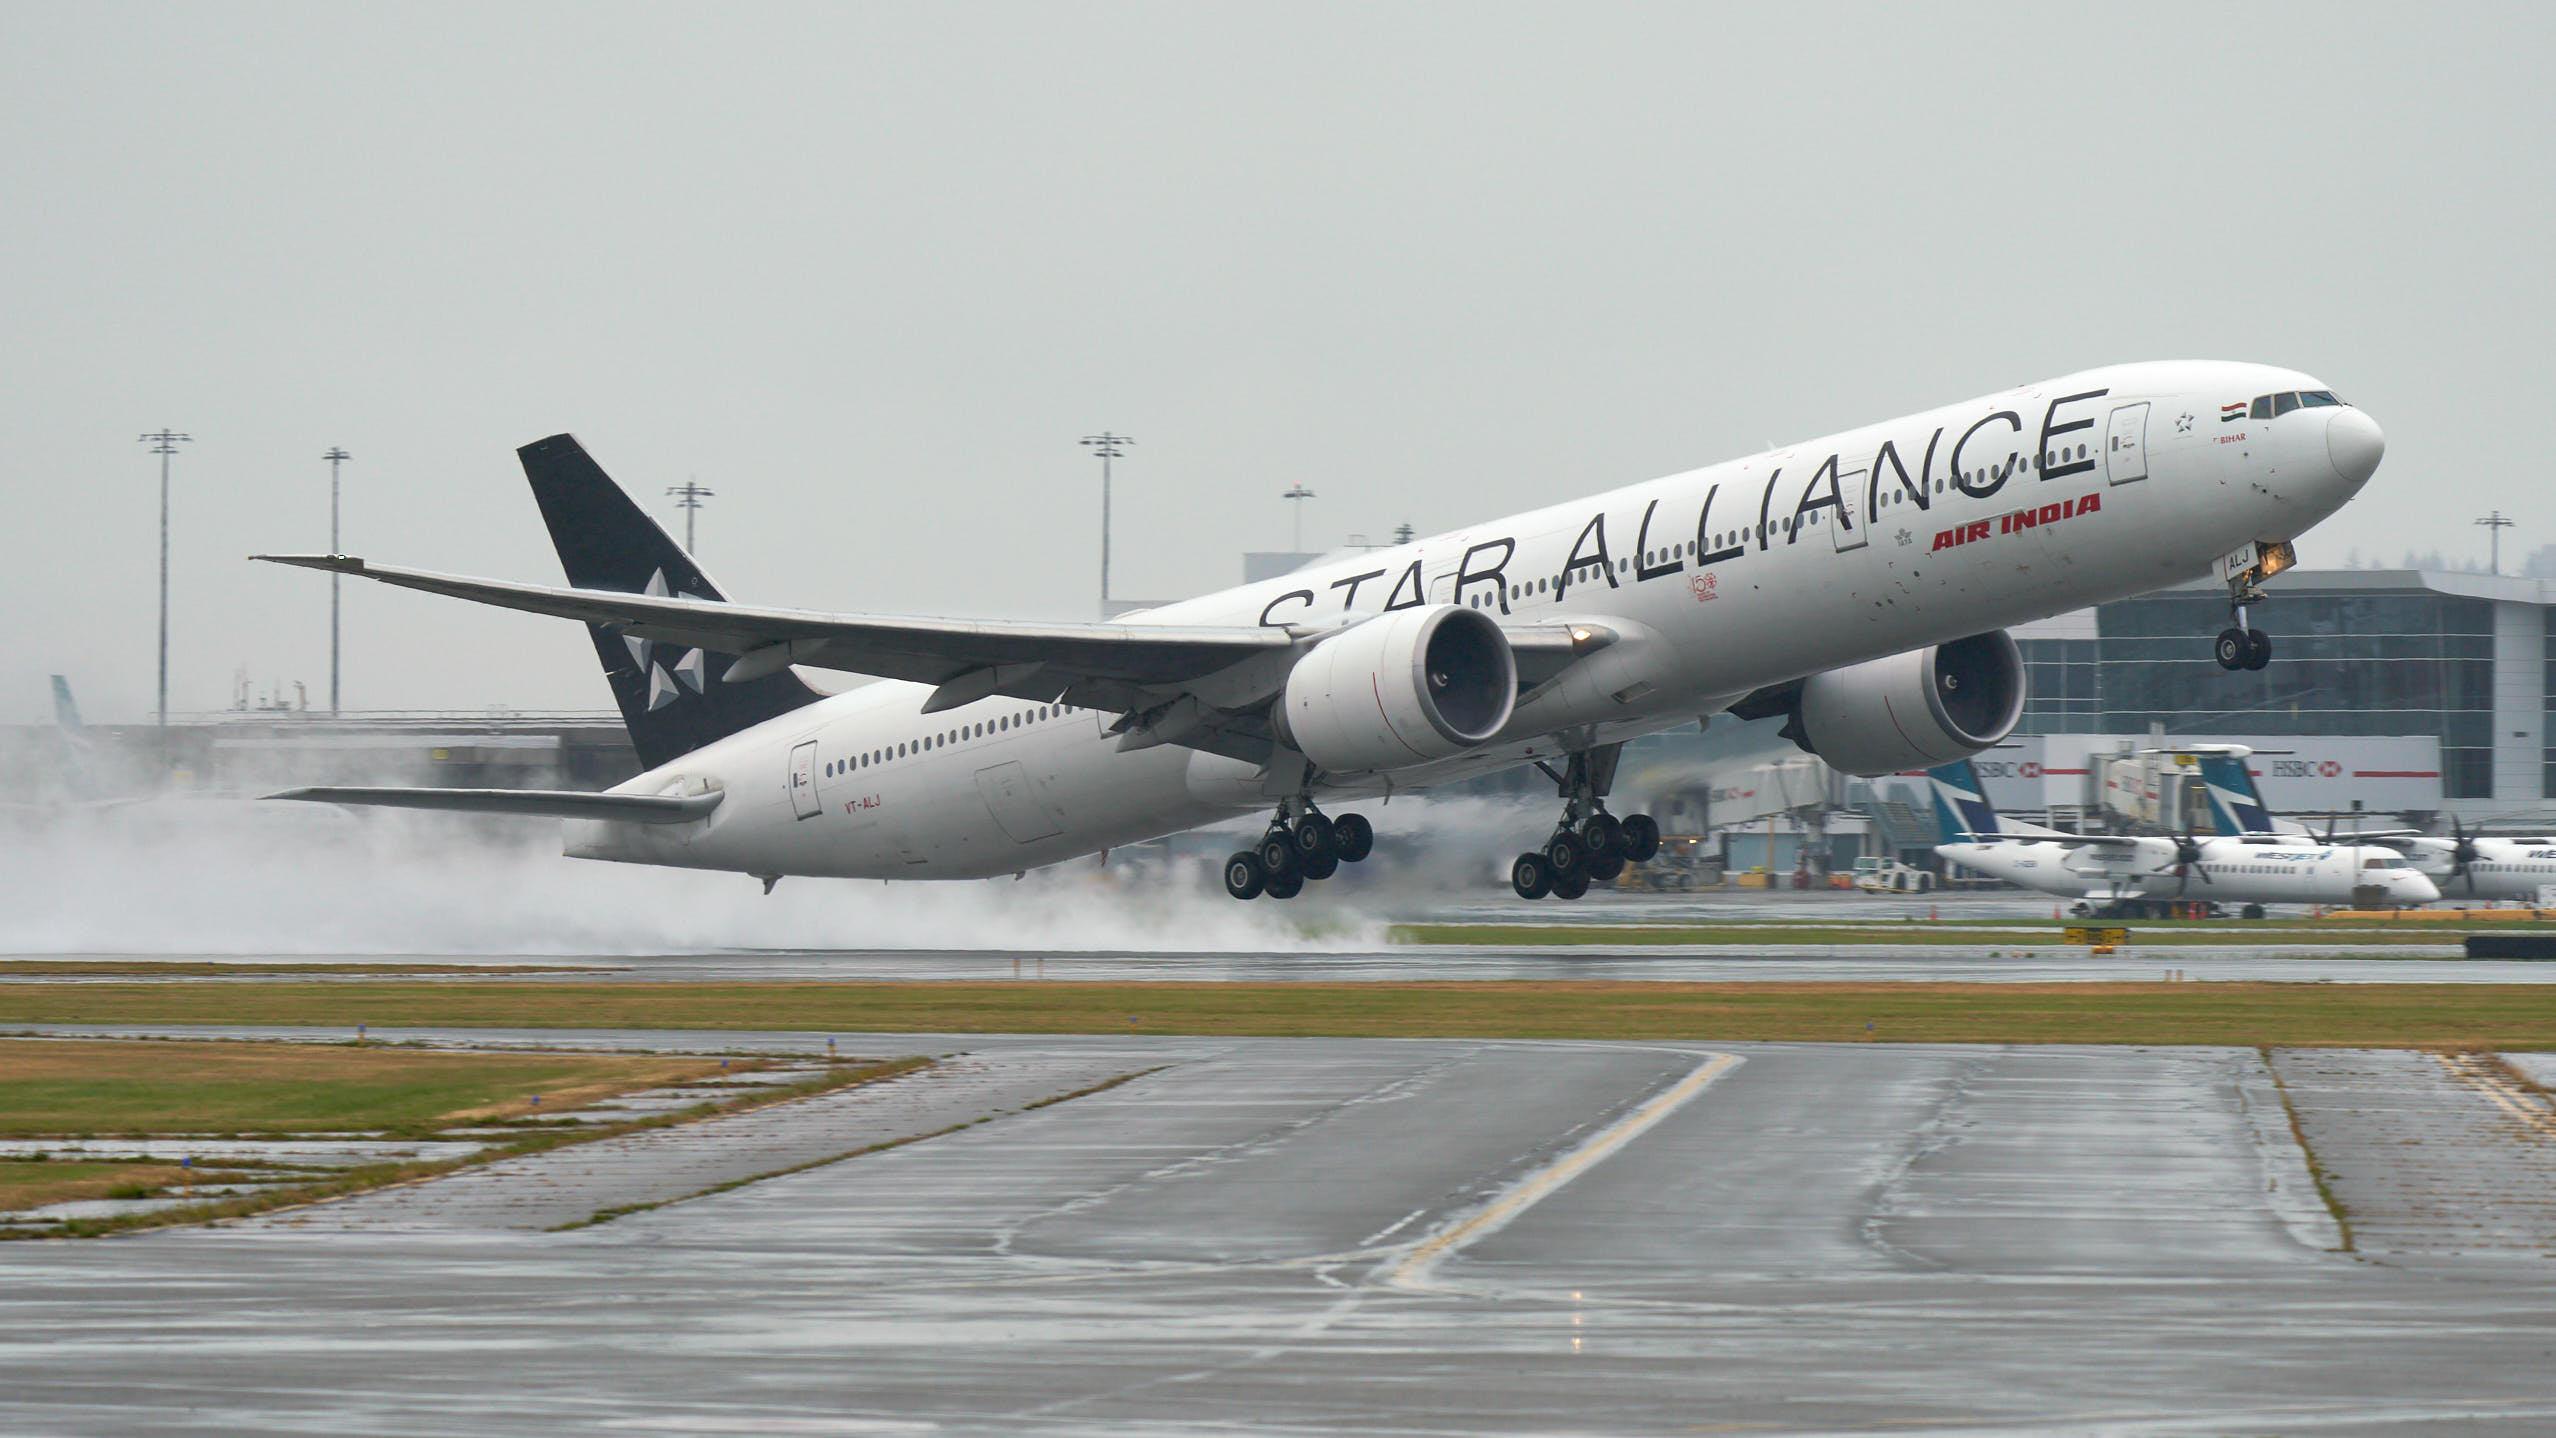 印度航空:「星空聯盟」塗裝